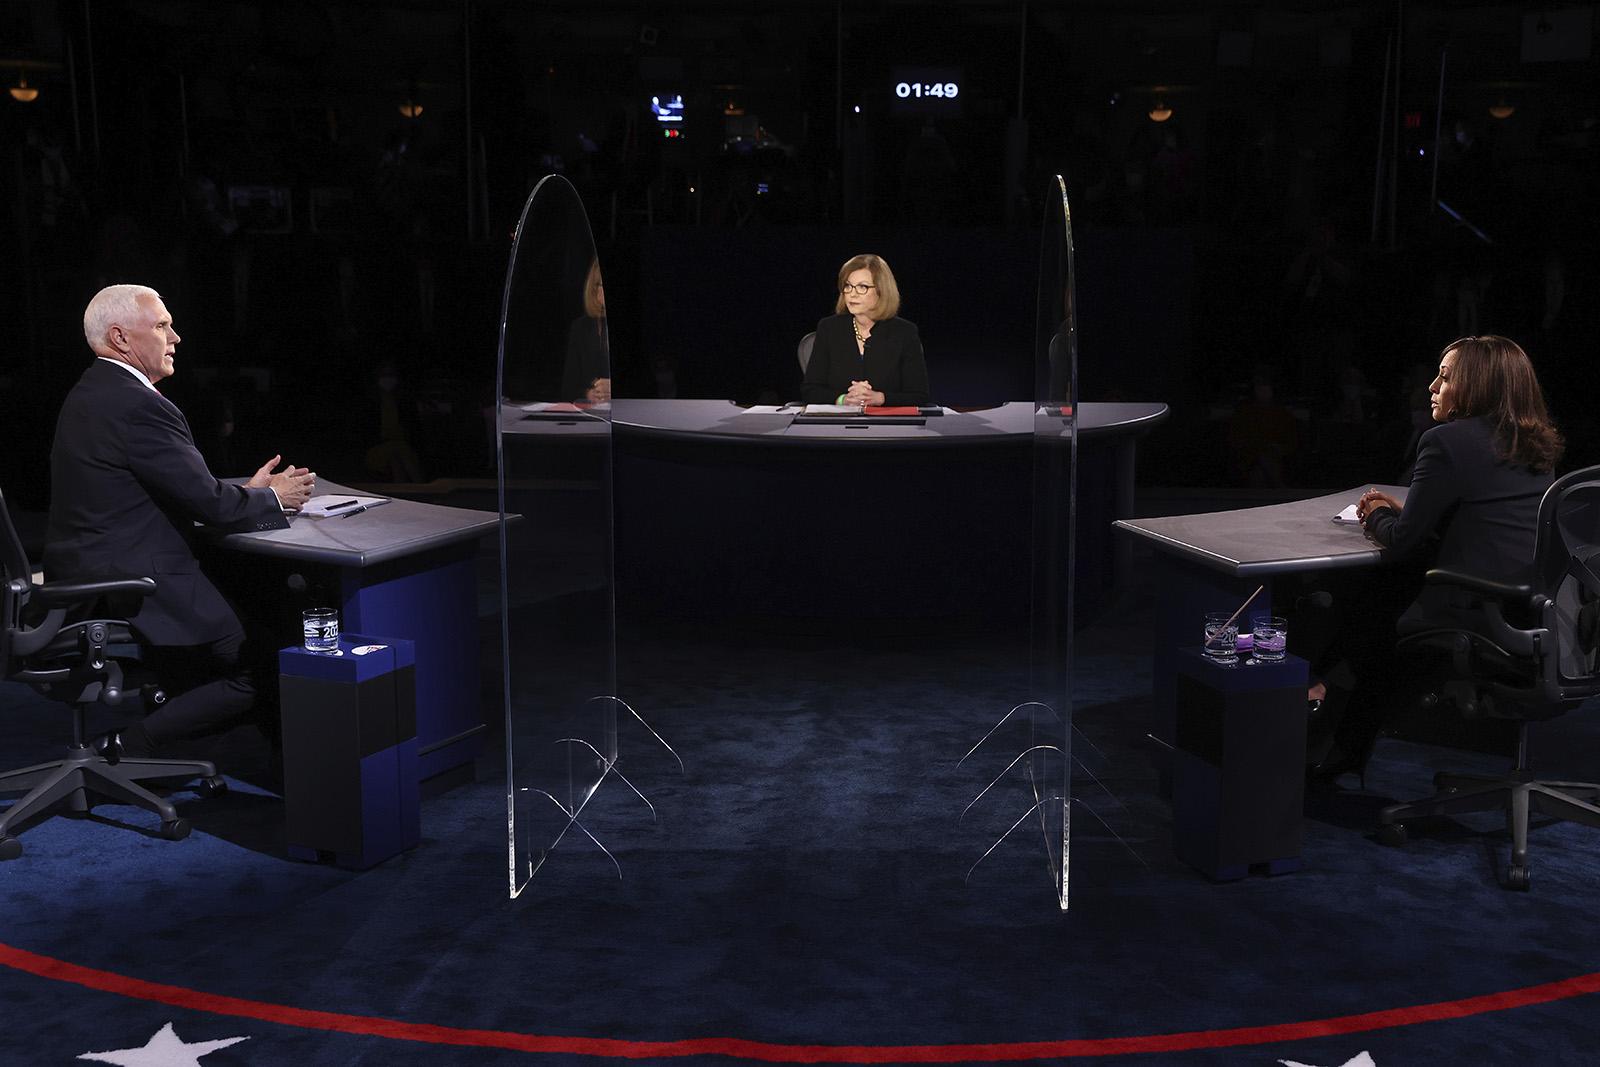 现场!美副总统候选人隔3.6米辩论:不戴口罩 中间竖巨大玻璃板